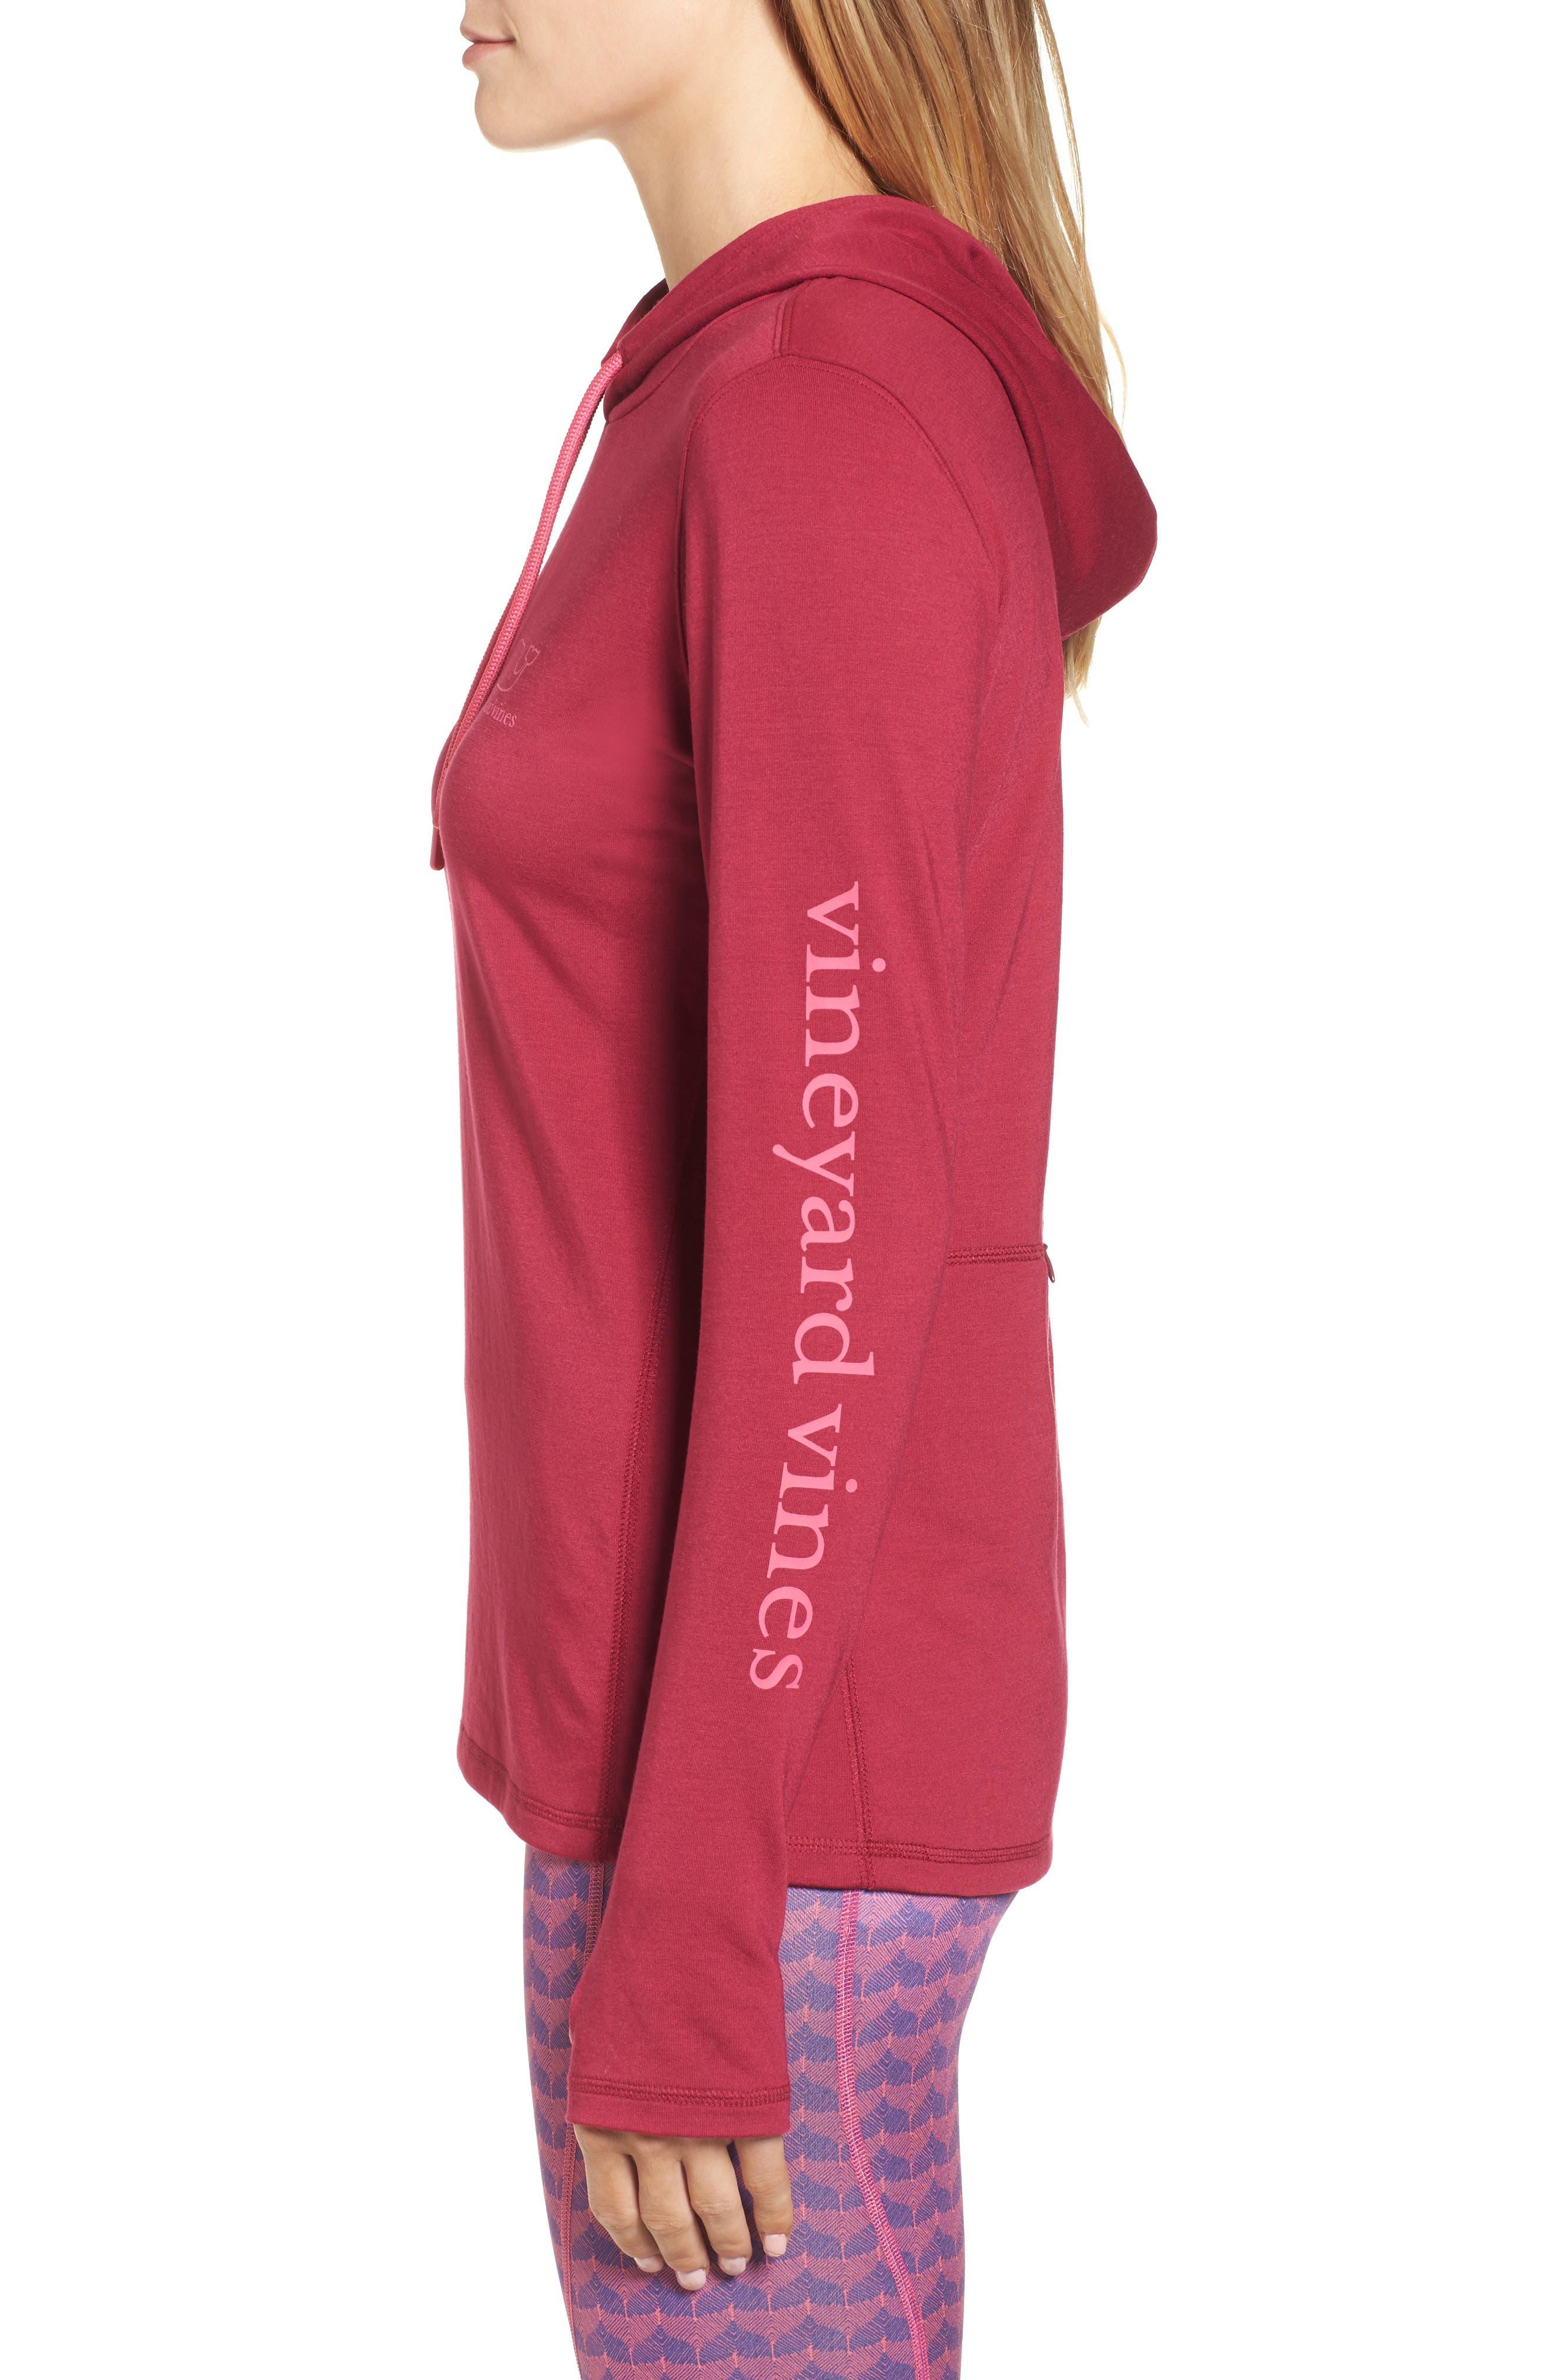 Alternate Image 3  - vineyard vines Whale Tail Hooded Tee